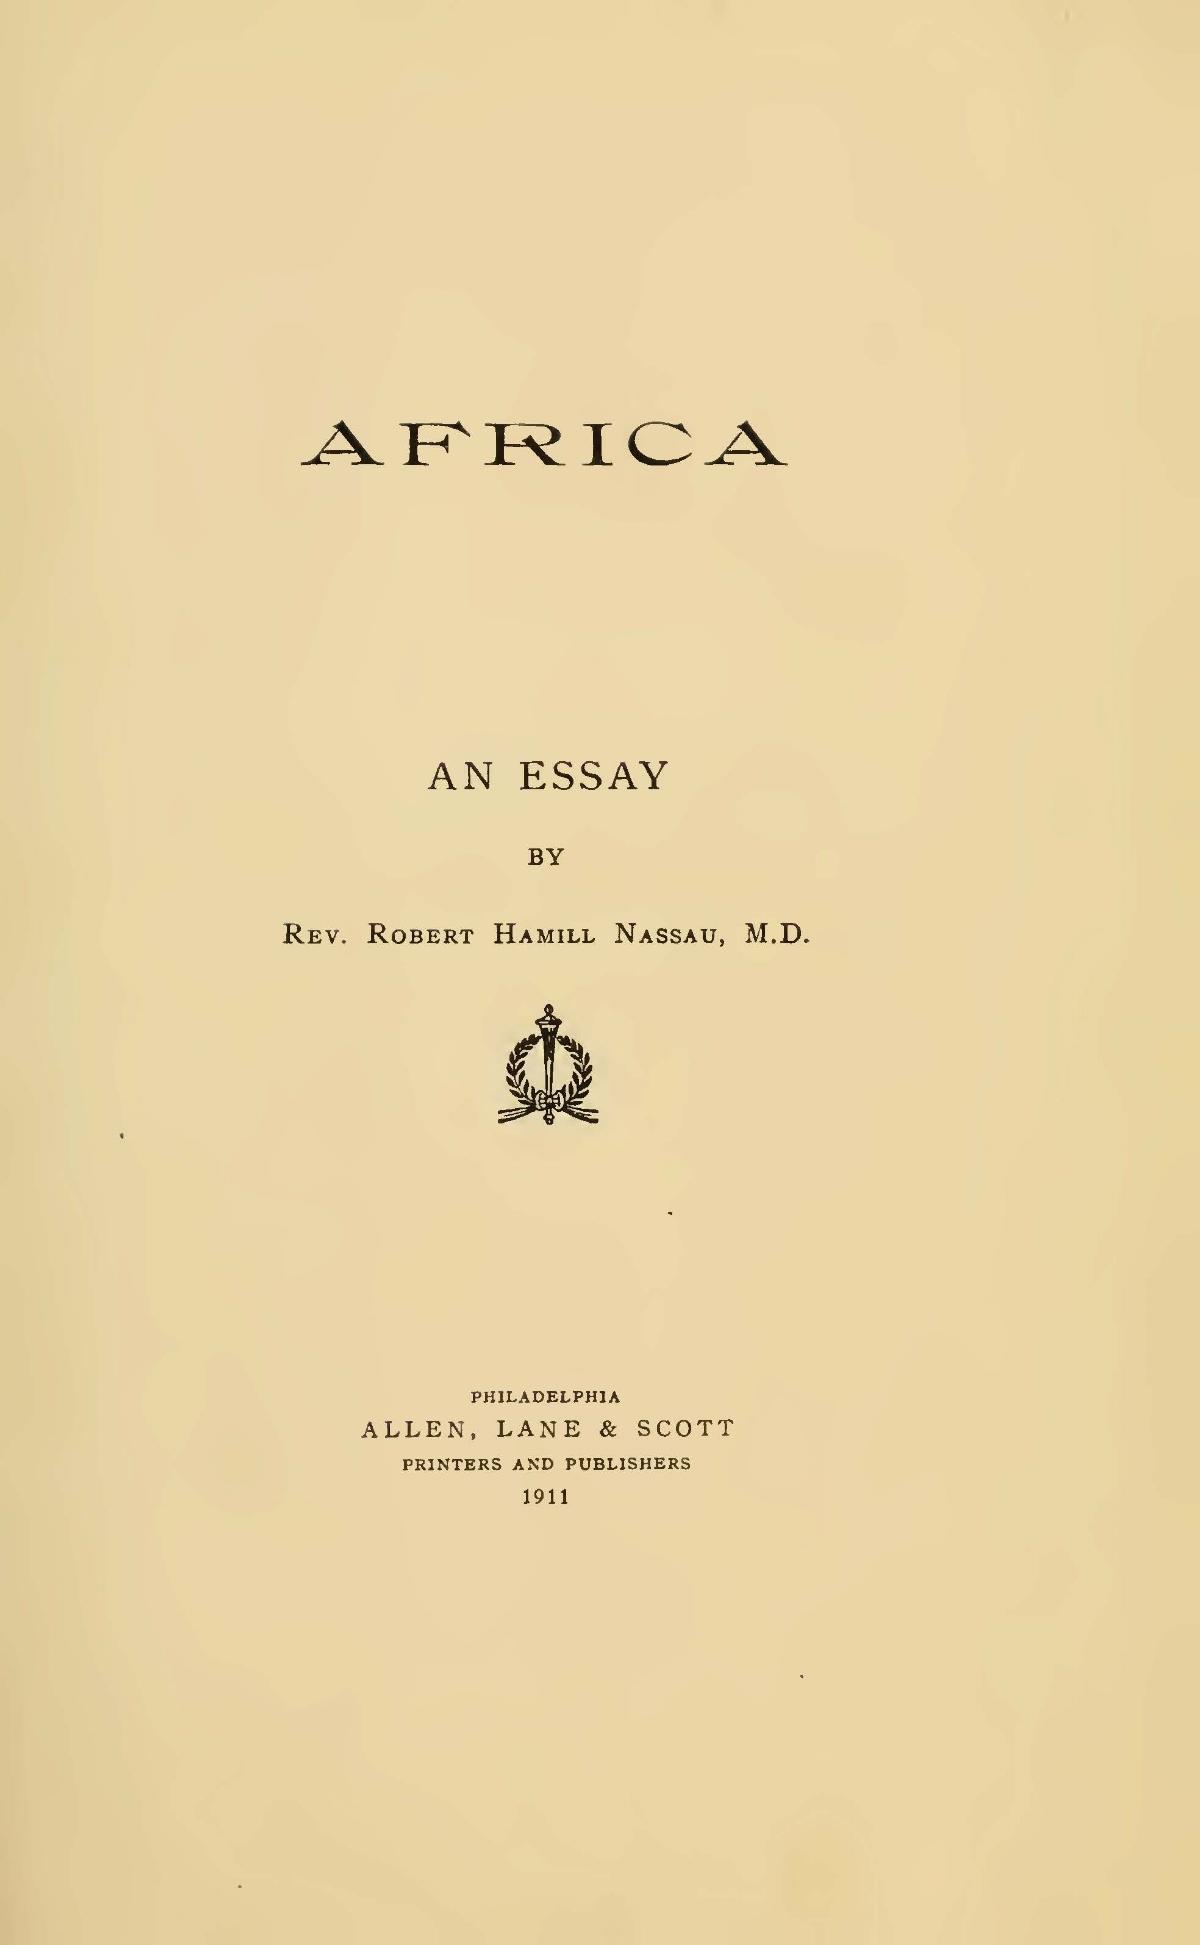 Nassau, Robert Hamill, Africa An Essay Title Page.jpg